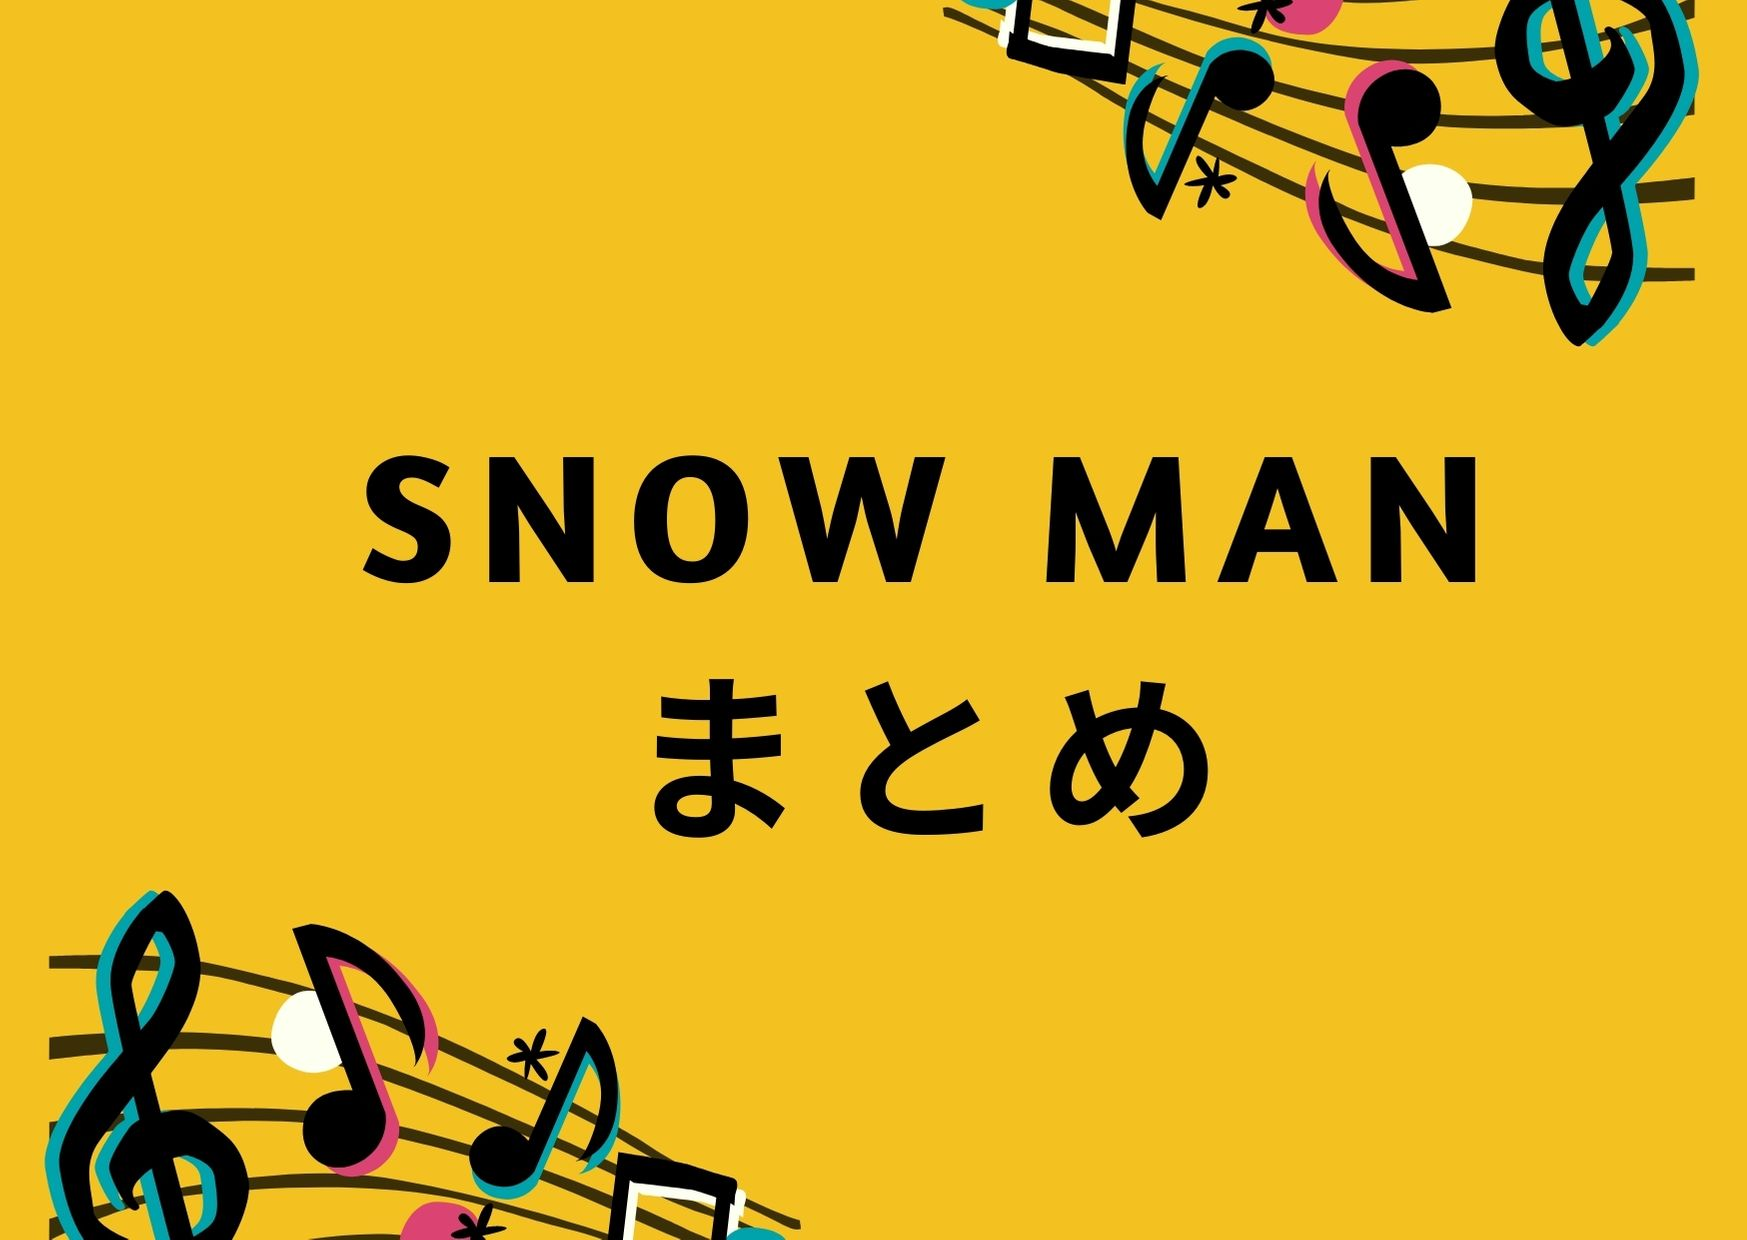 SnowManの私服や熱愛の噂が気になる!プライベート情報まとめ